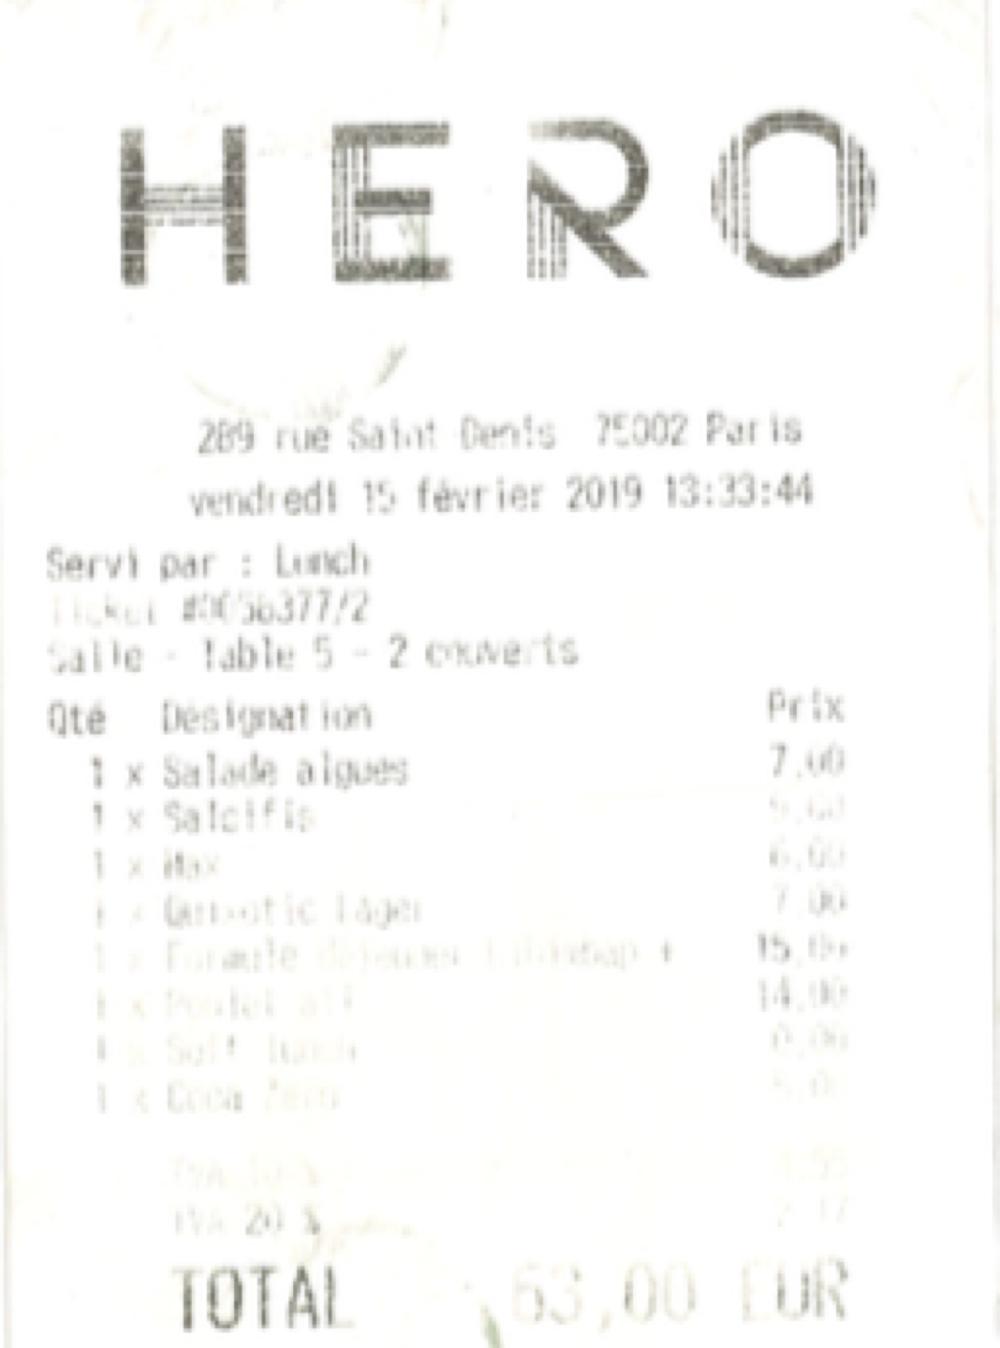 15_33_58_839_75002_Hero.png